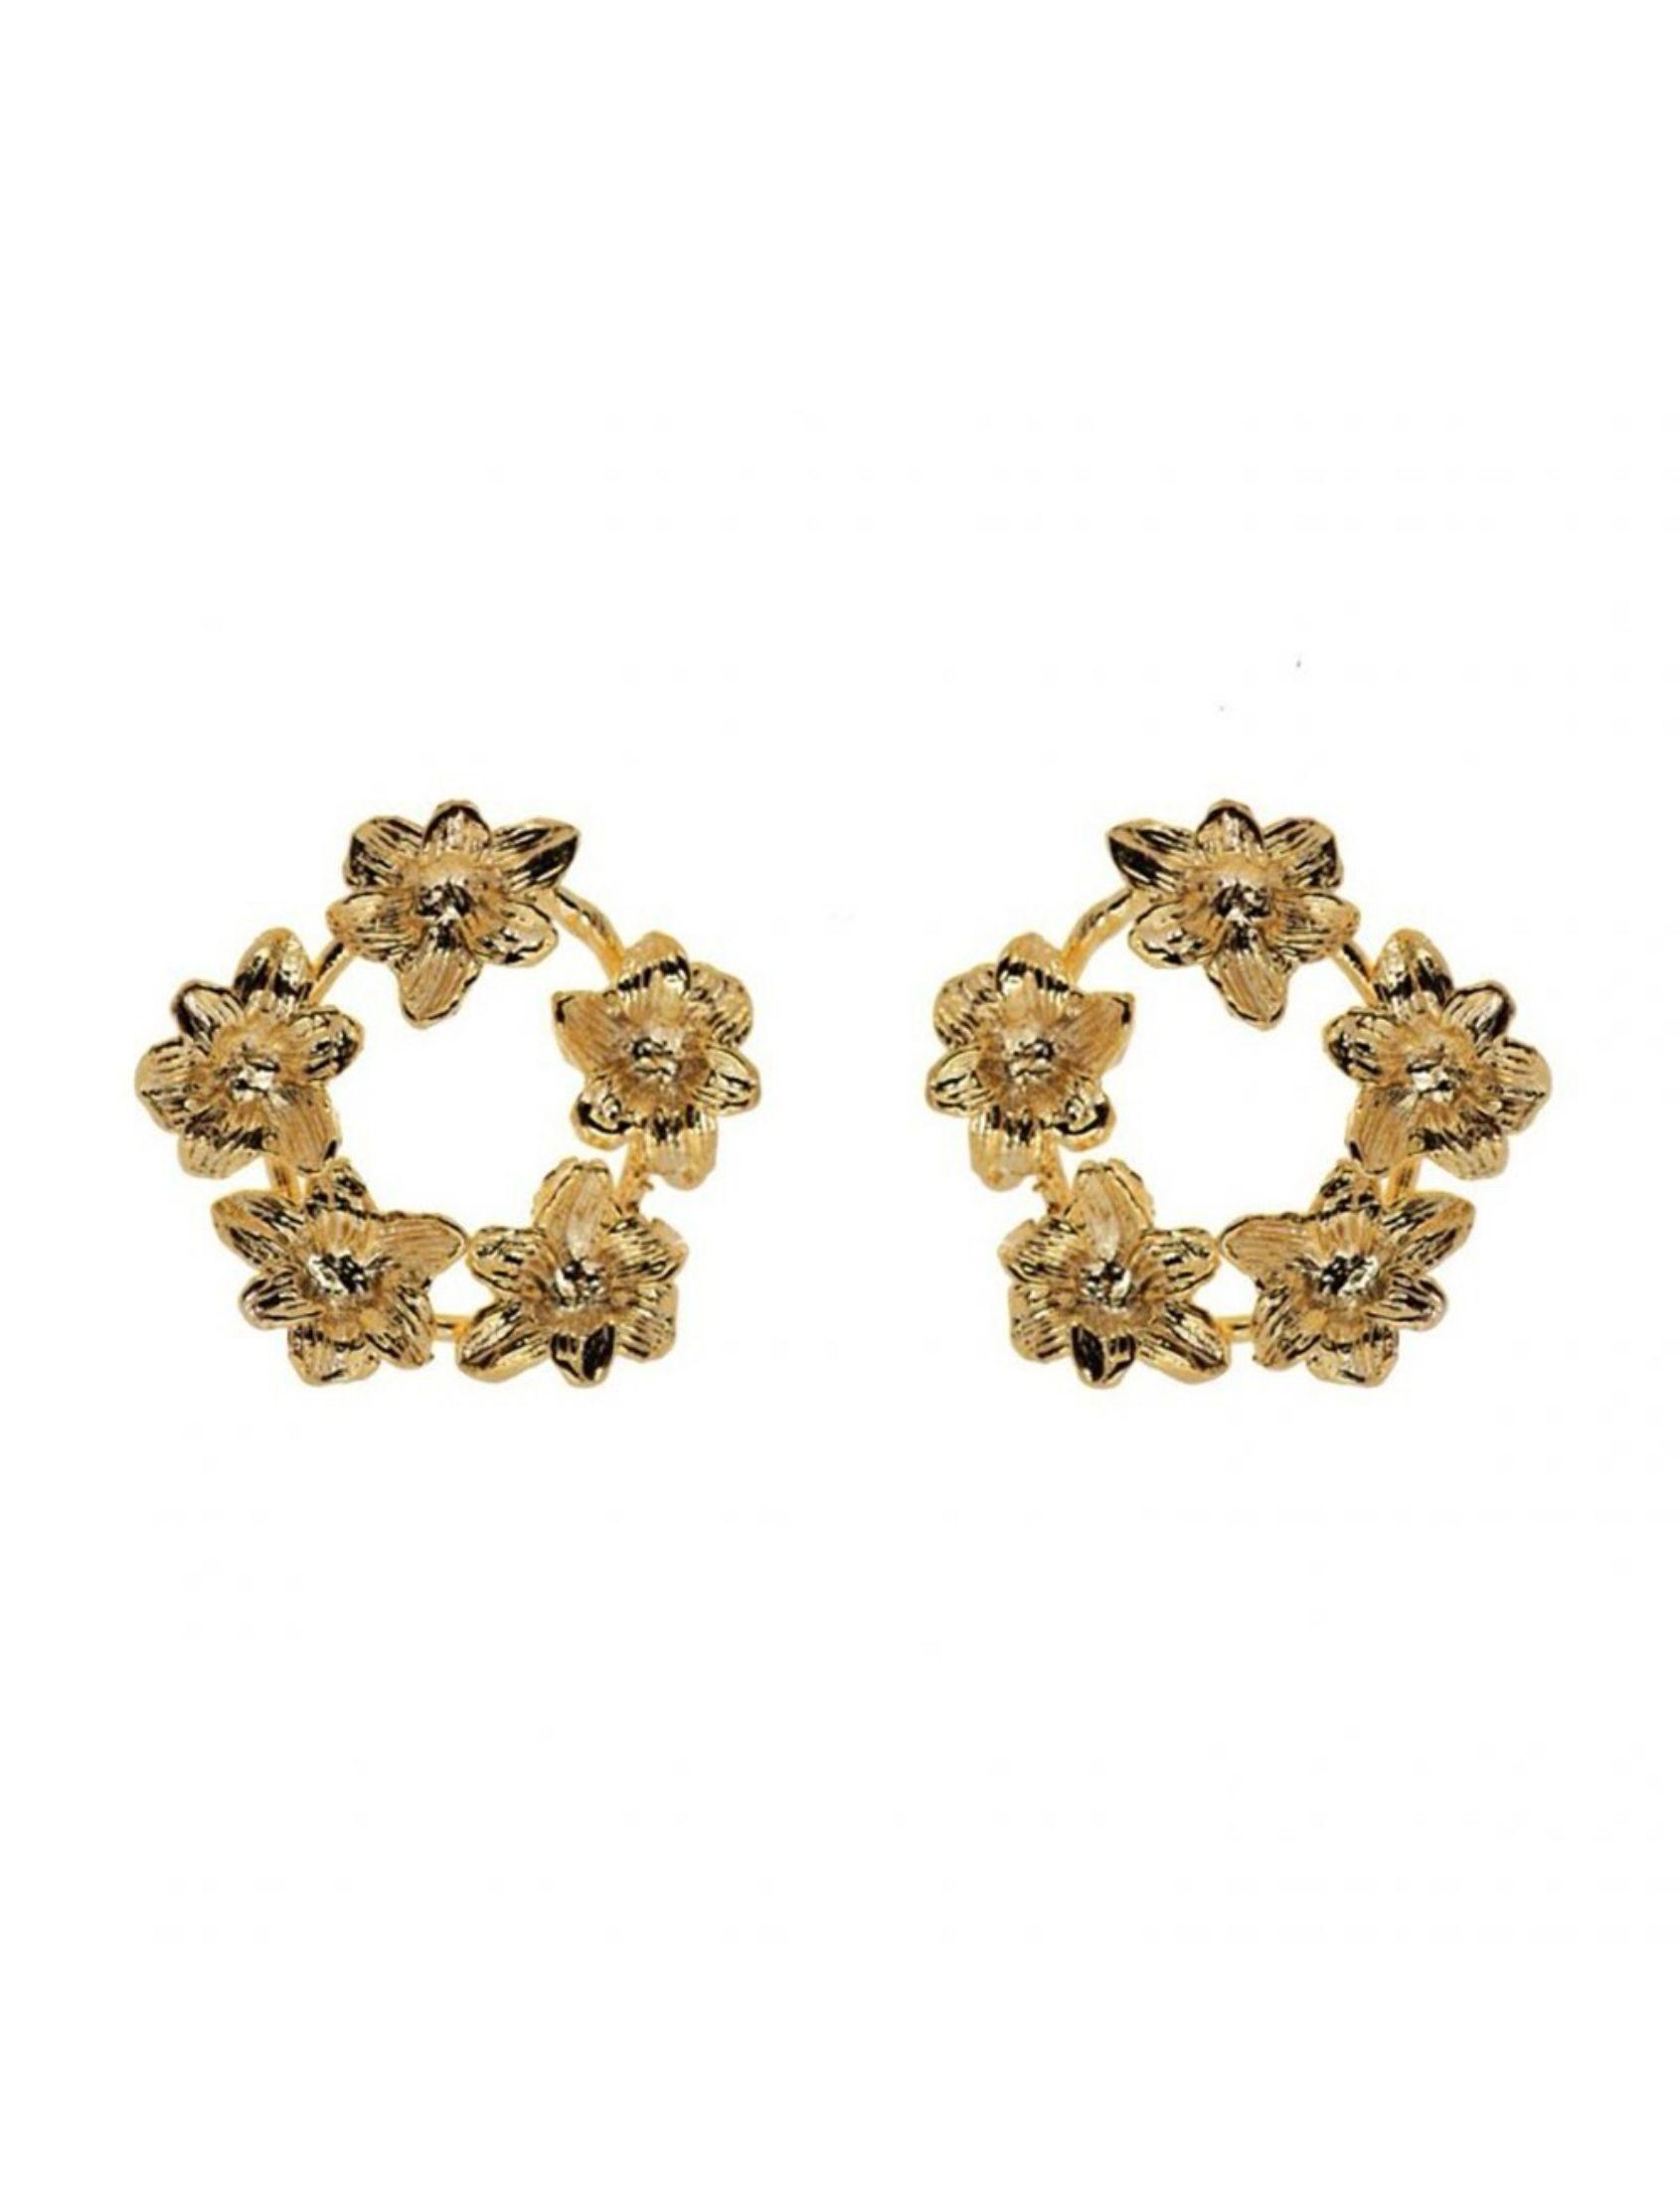 pendiente amsterdam con forma de rosetón lleno de flores en color oro de la marca omitouch